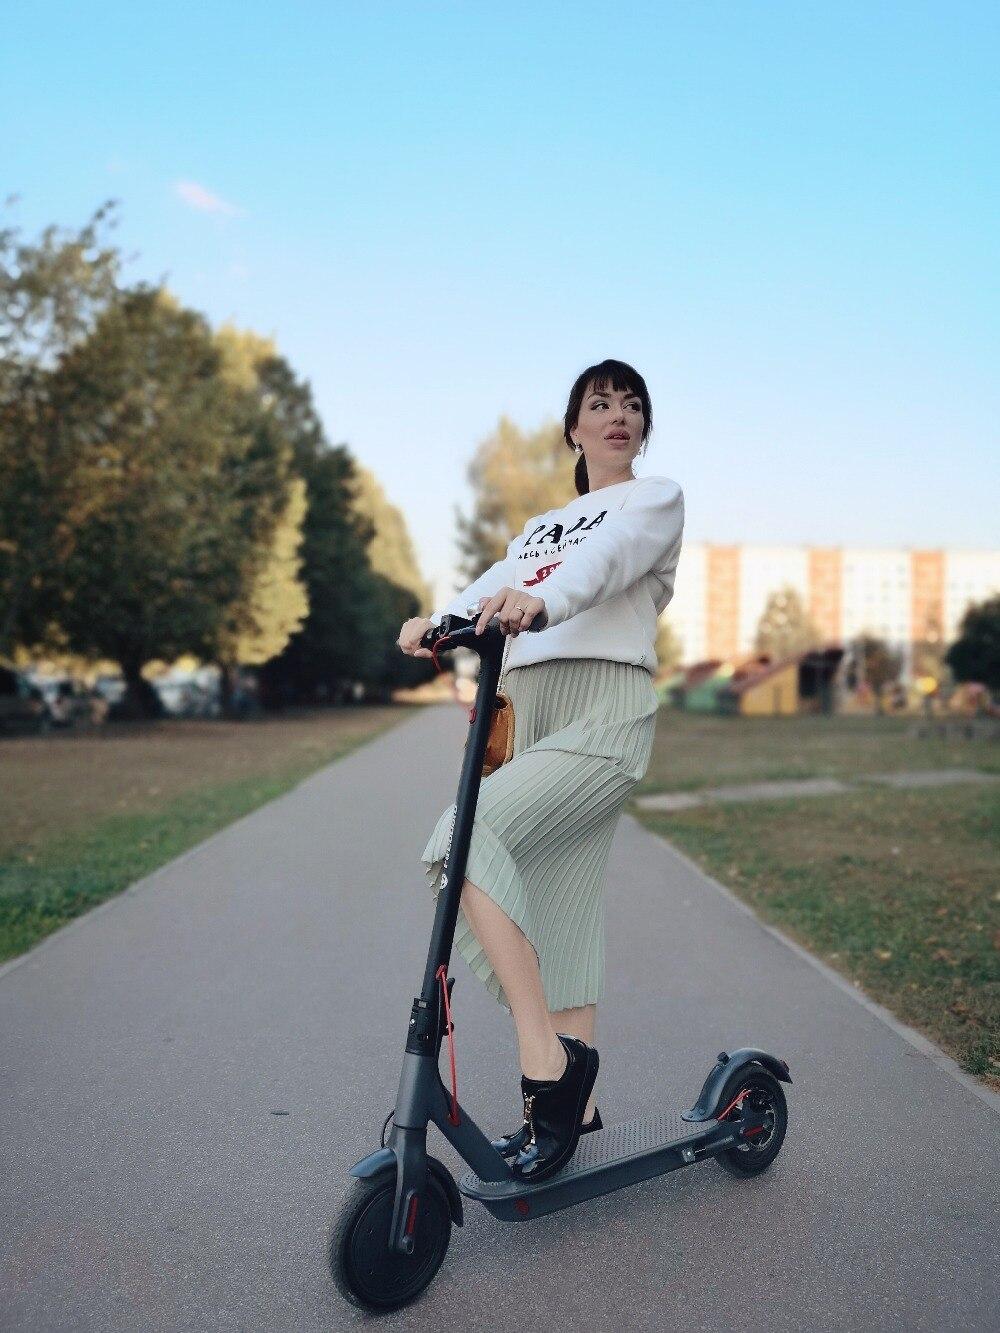 SUPERTEFF EW6 électrique scooter 30 km pliage kiki scooter 8.5 pouce solide pneus deux roues scooter facile à transporter et de stockage